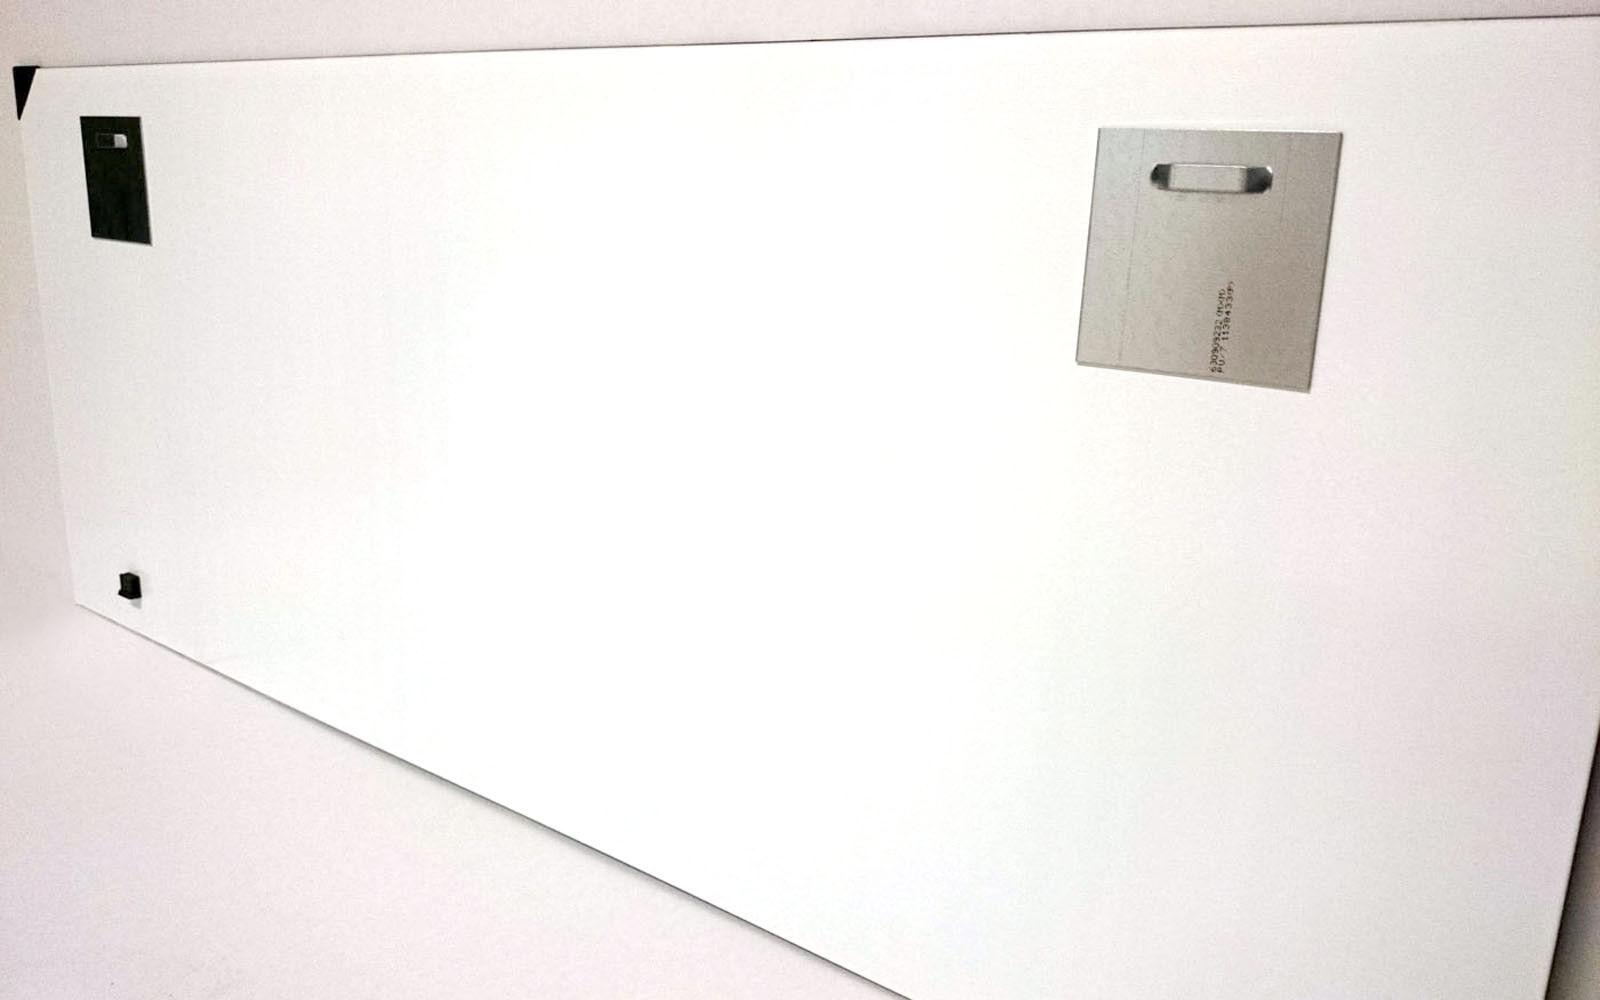 HD immagine di vetro eg4100500696 FIORI VIOLA VIOLA VIOLA Bobbles 100 x 50 cm Muro Immagine ASTRATTO 0e5b7e